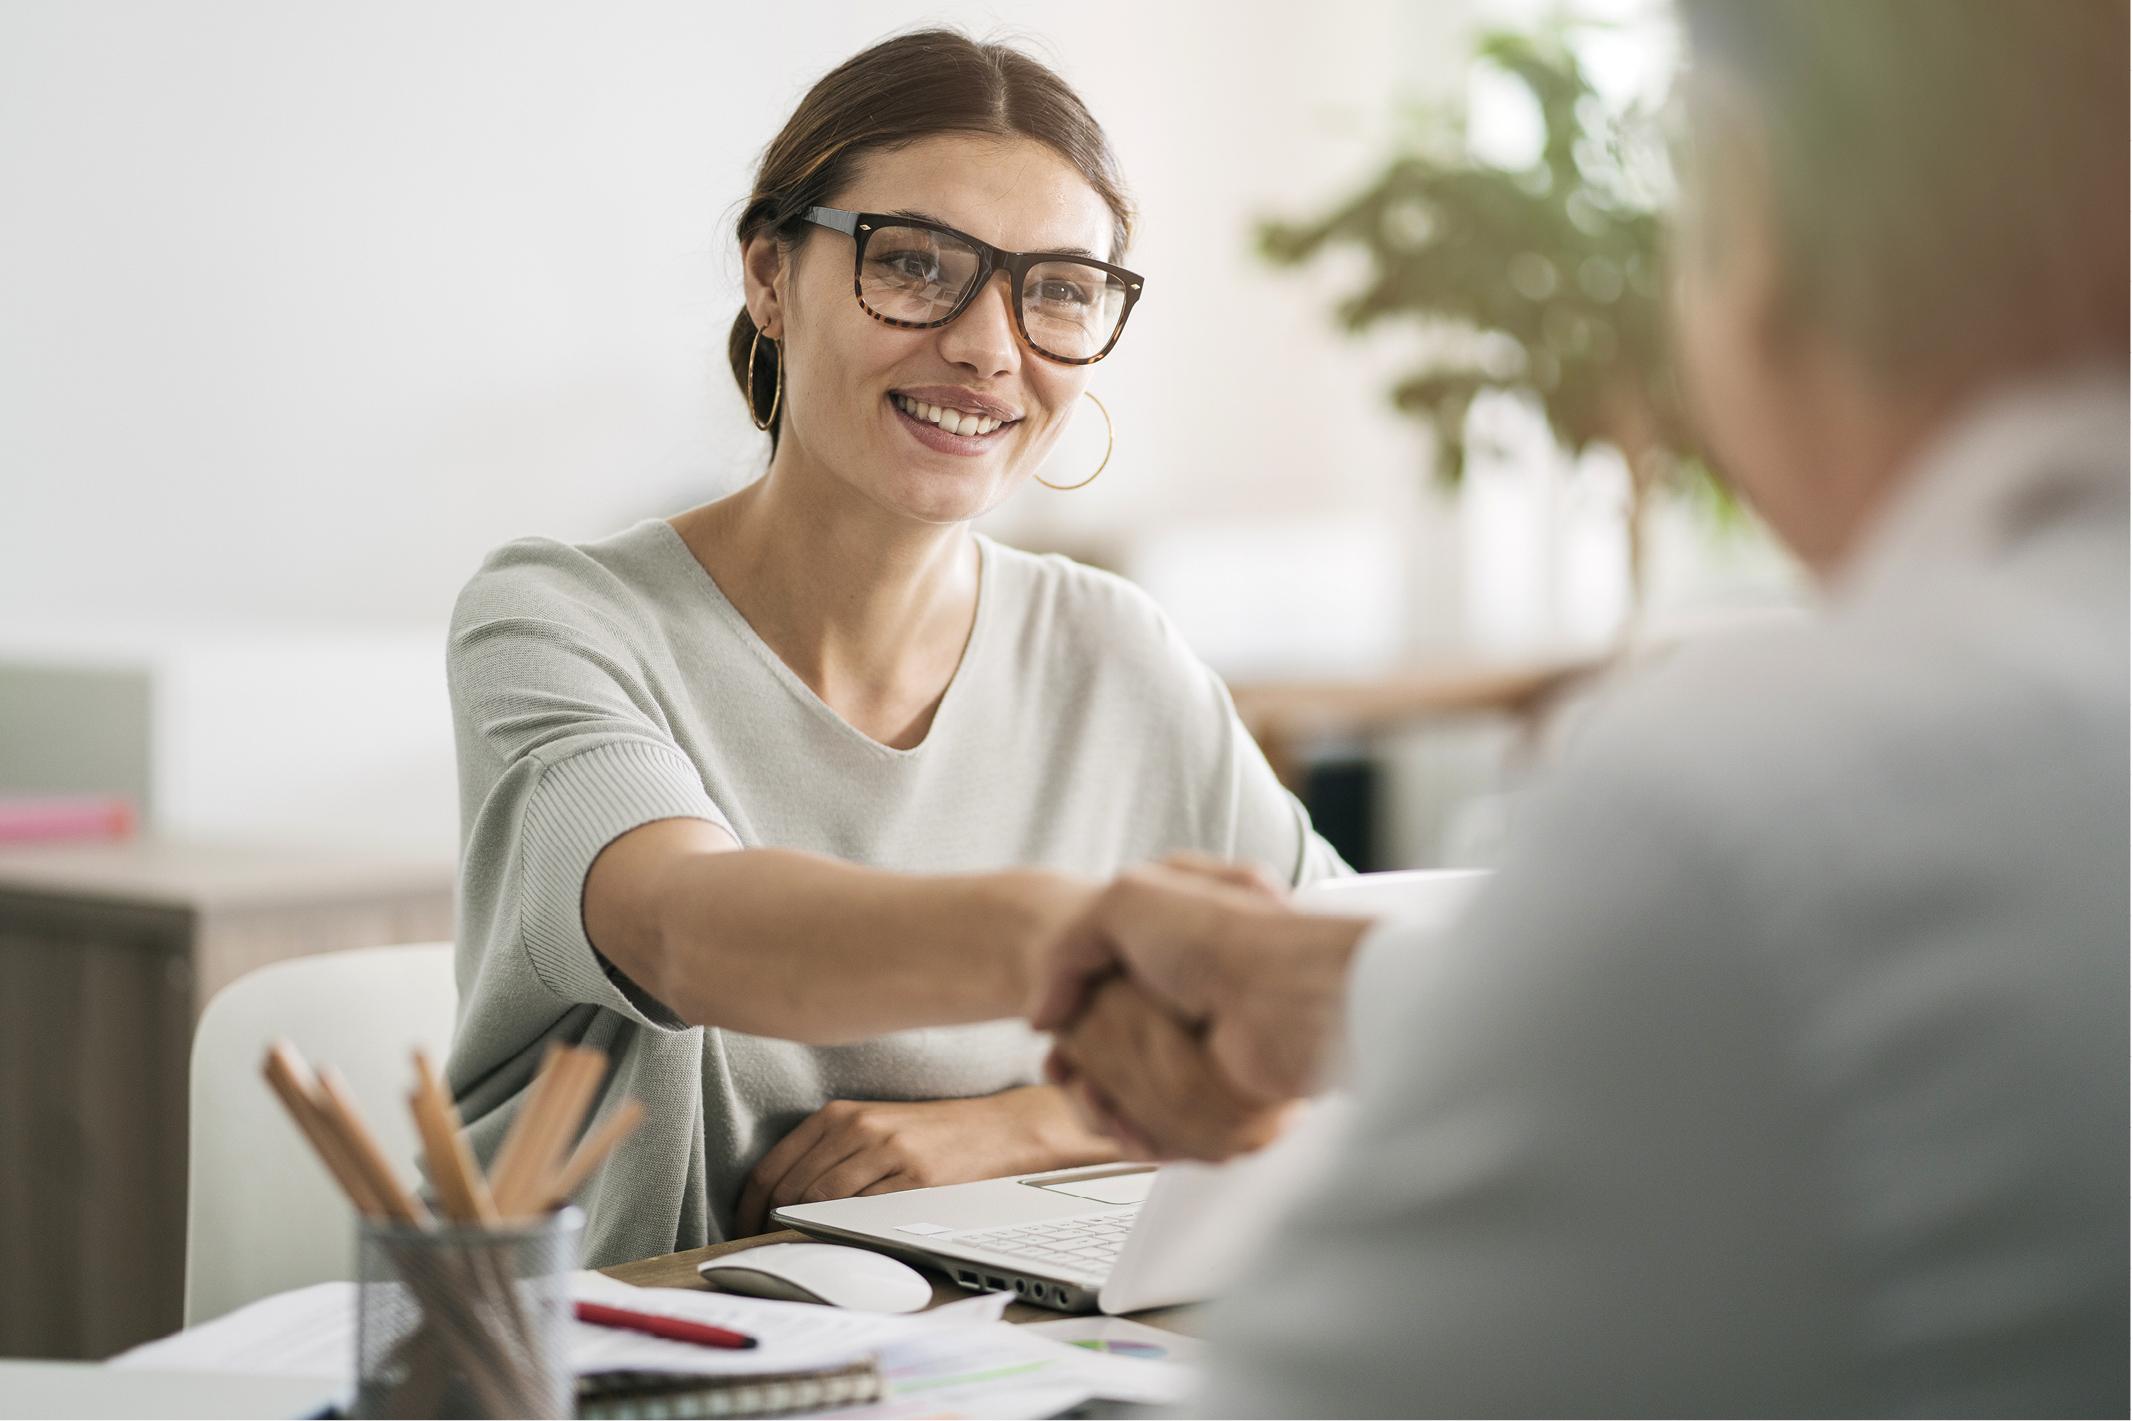 Zukunftsfähigkeit: Die eigenen Stärken und den passenden Job finden